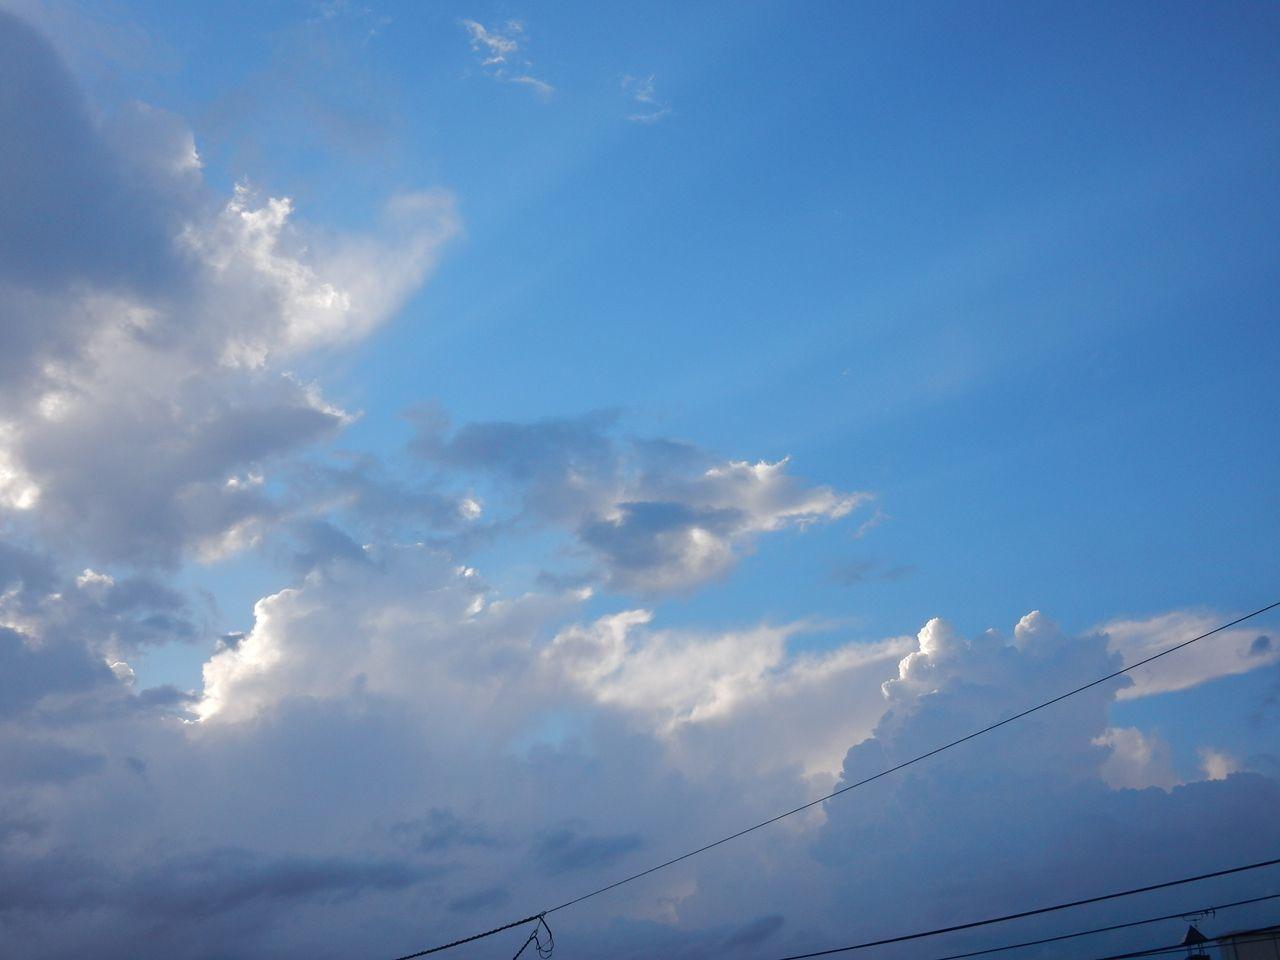 雨に逃げられた(?)夏至_c0025115_22011710.jpg